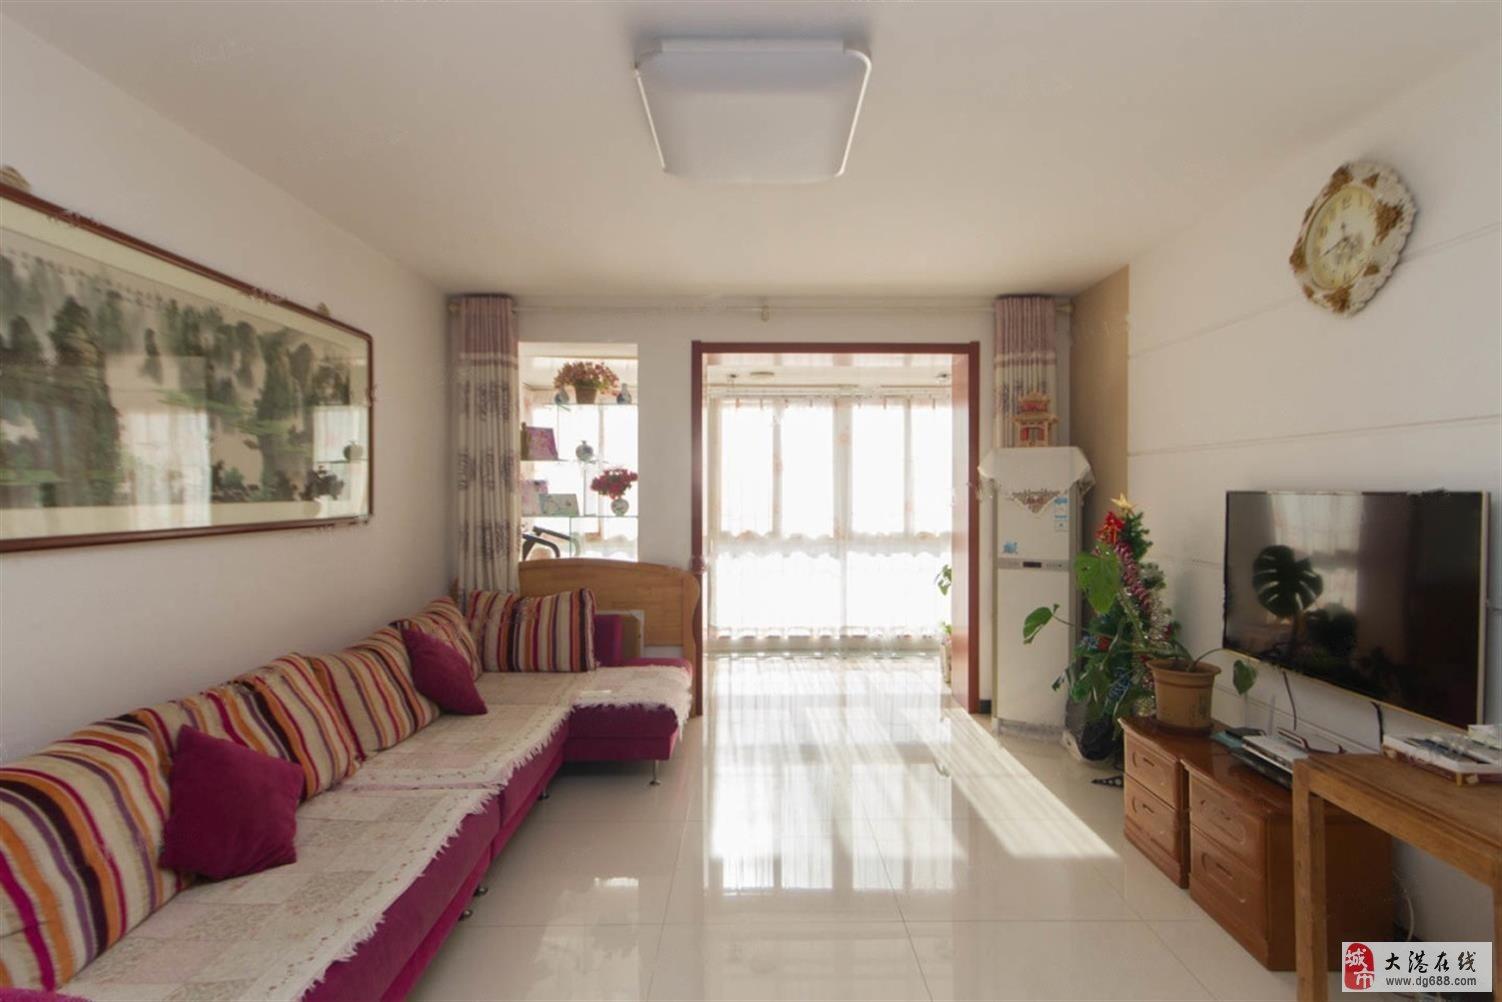 出售:春港花园4楼121平132万,三室跨厅通厅,户型佳